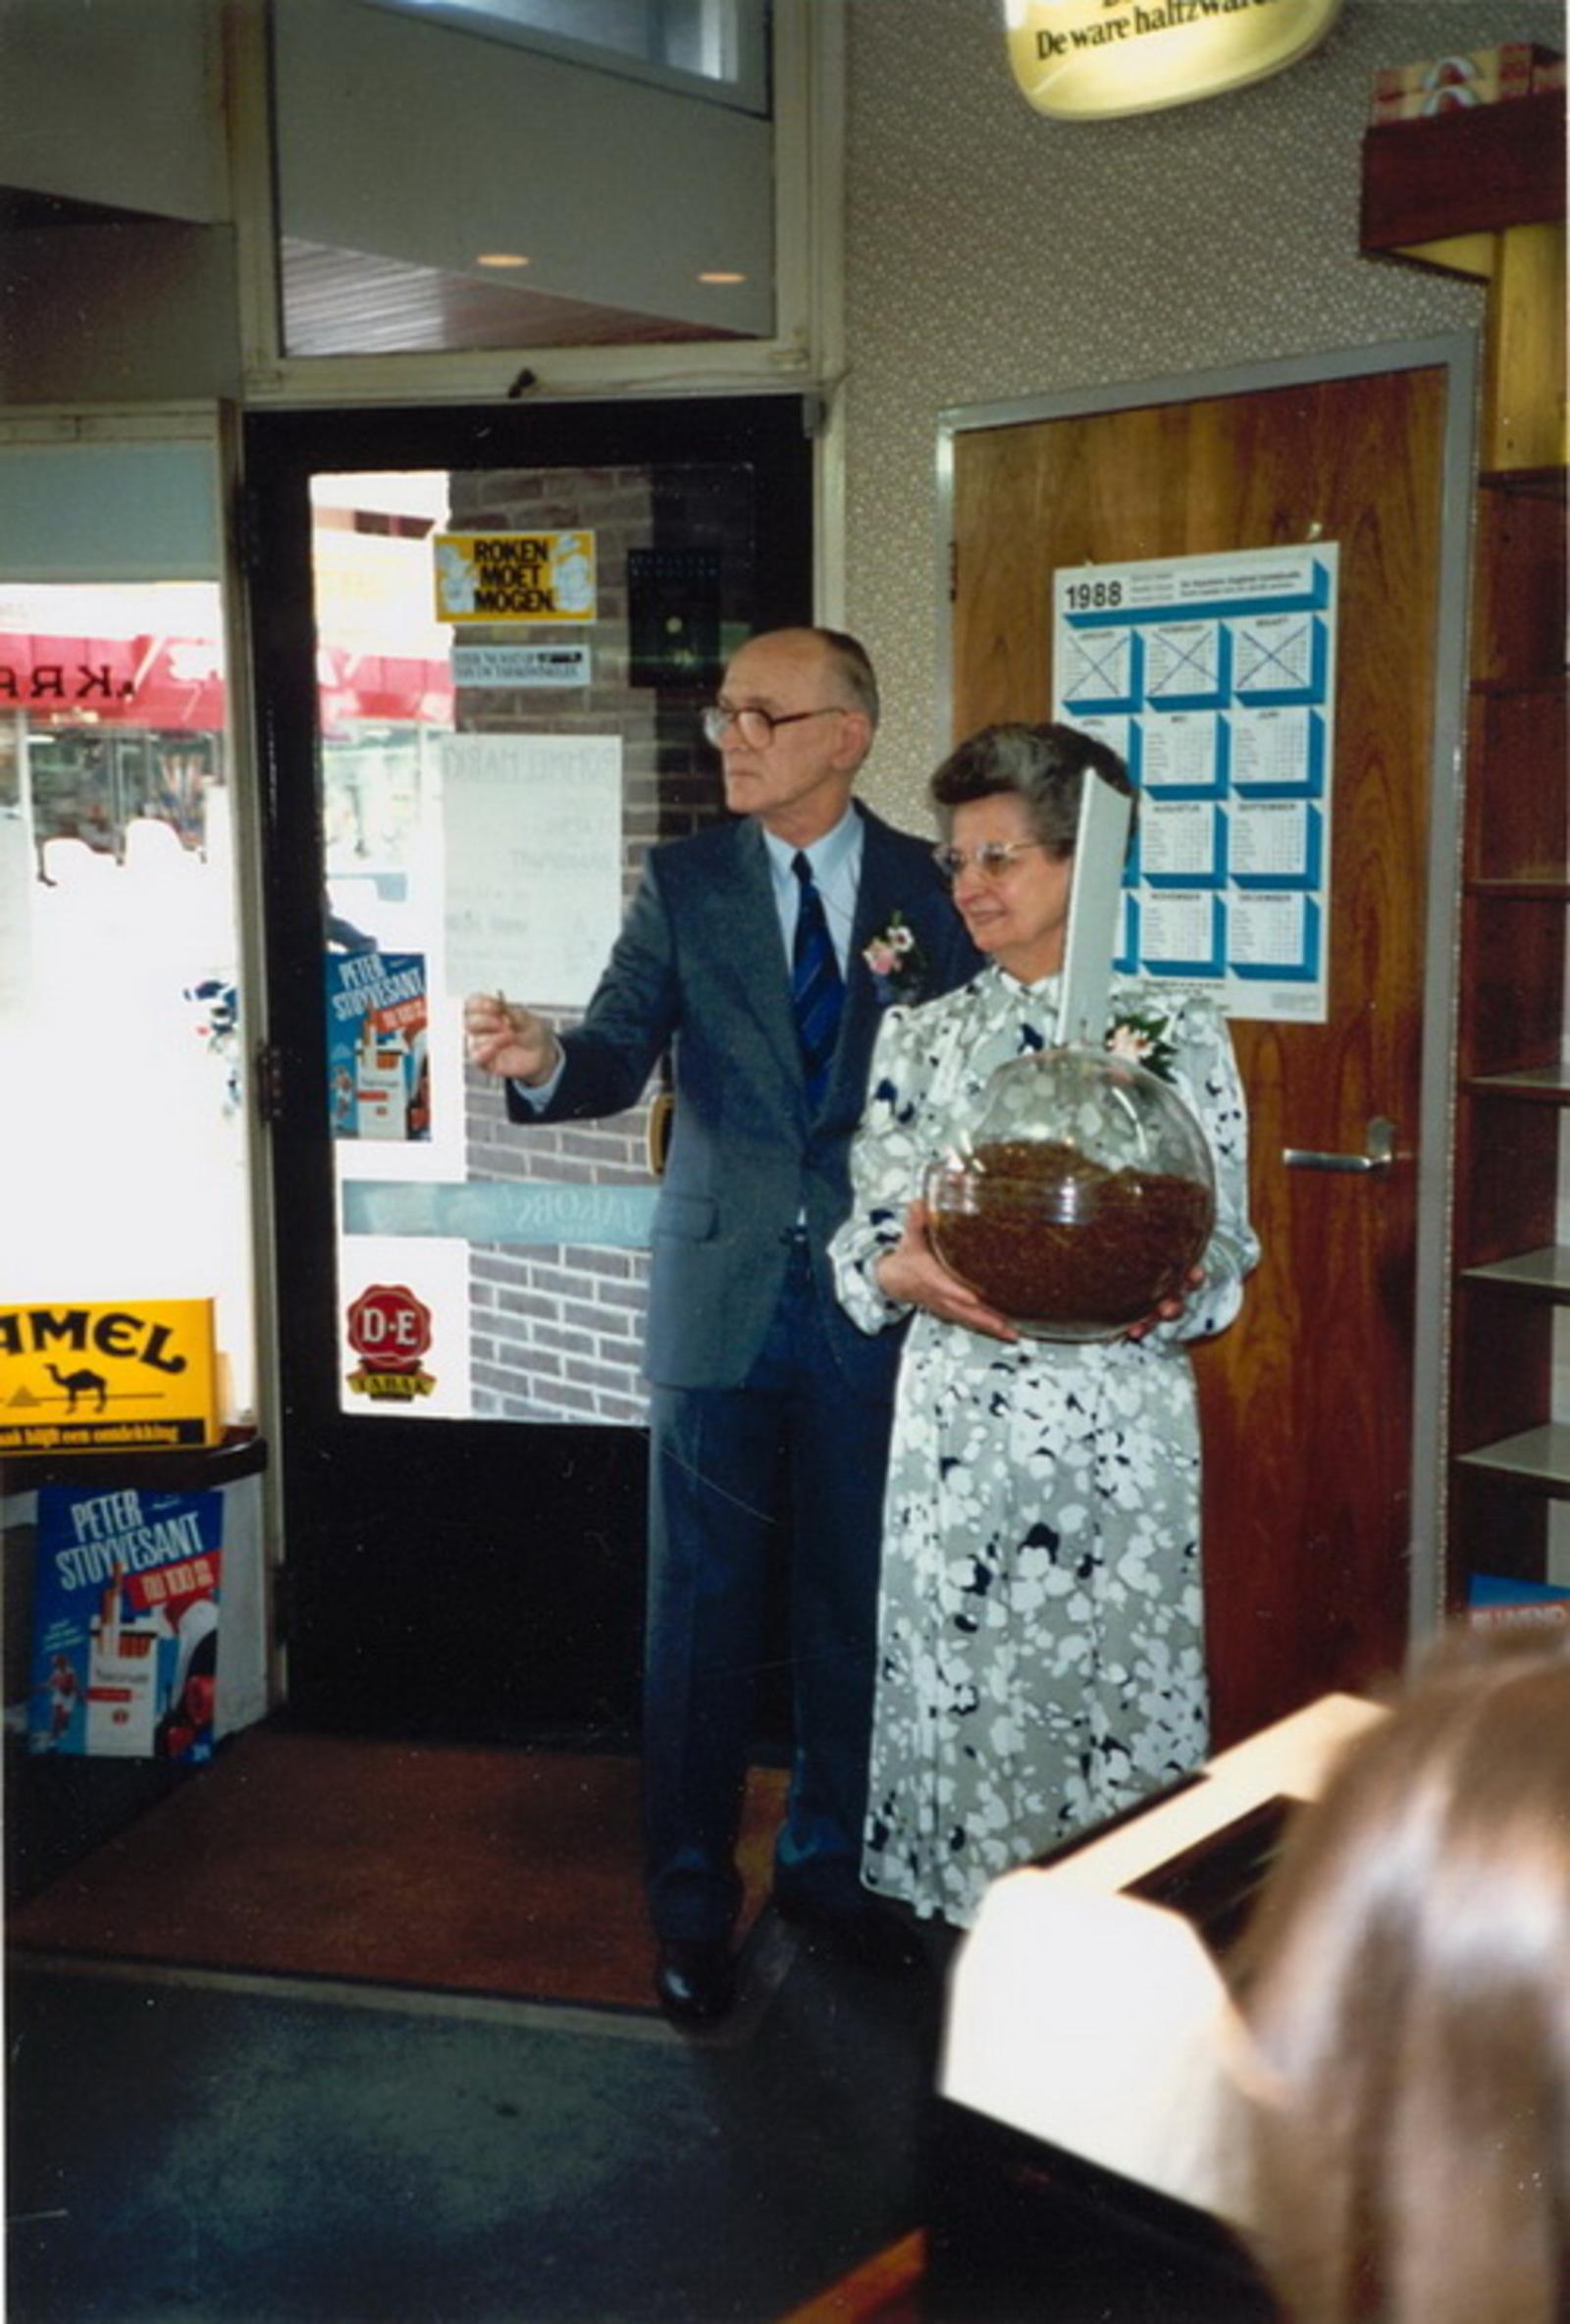 Marktlaan O 0022 1988 Sigarenboer Kraak 50jr Jub en Sluiting 31